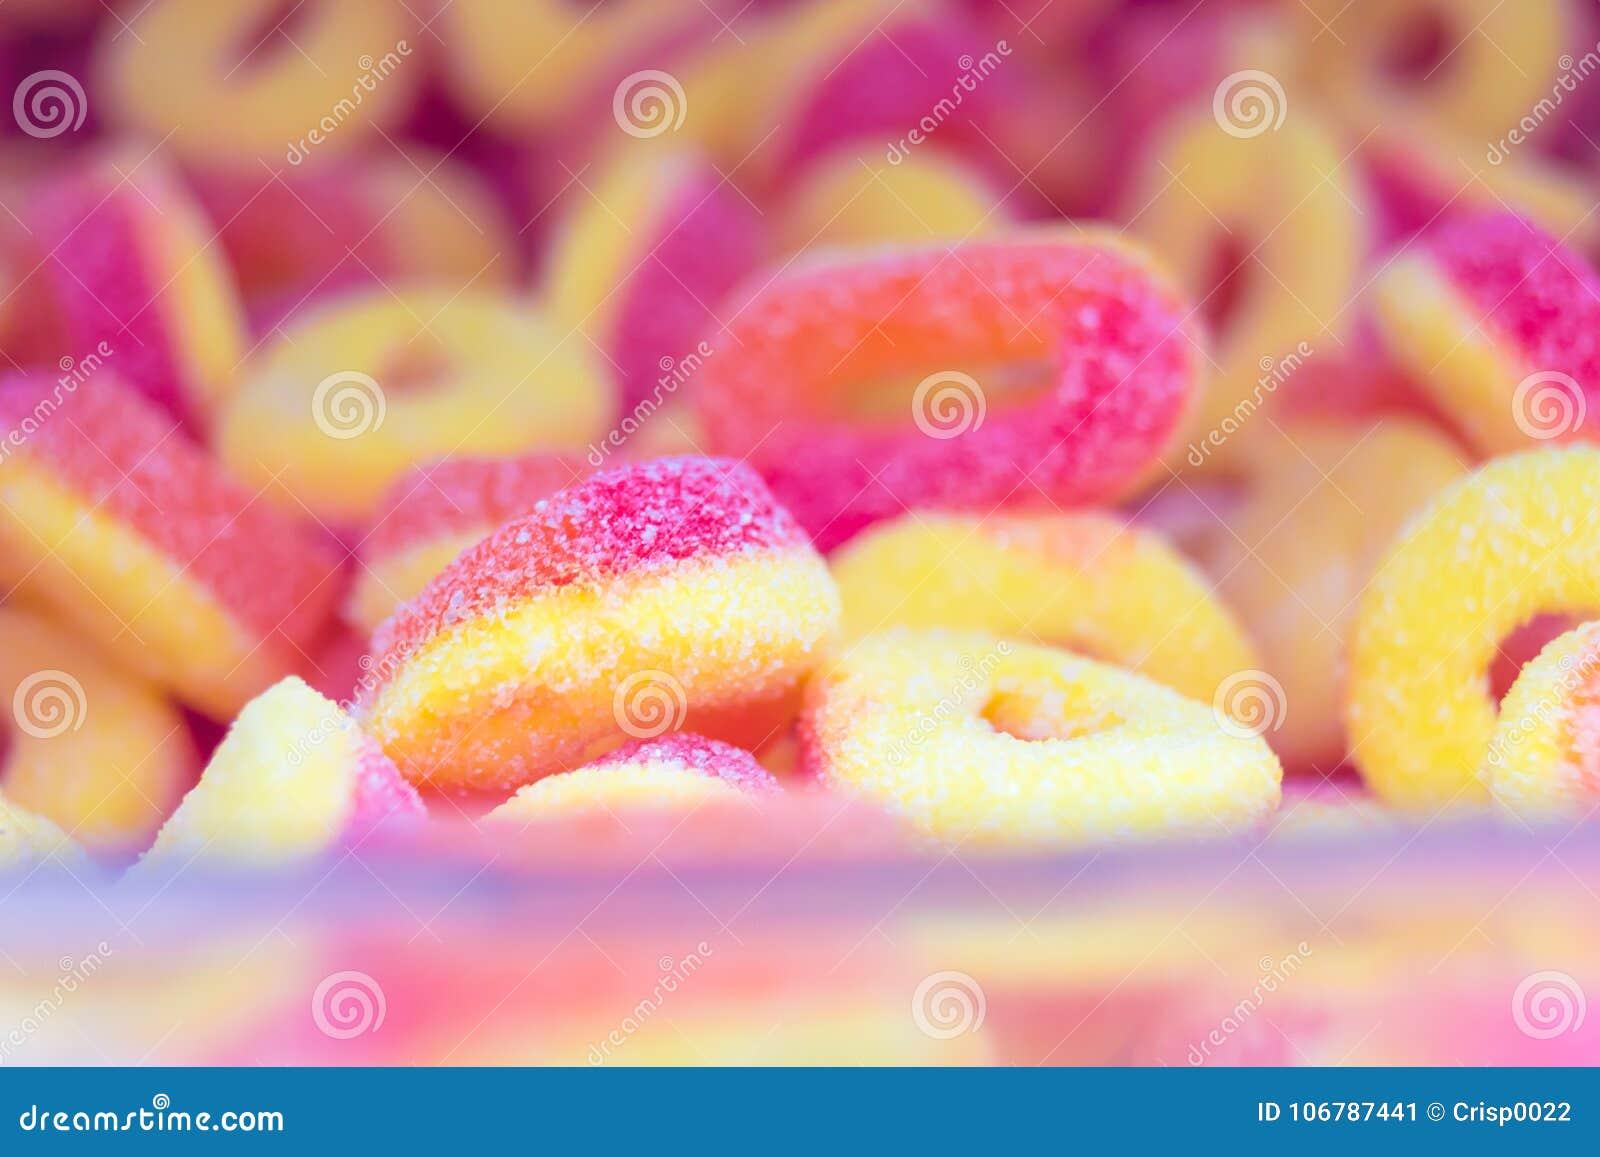 Dulces Gelatinosos Multicolores Imagen de archivo - Imagen de color ...